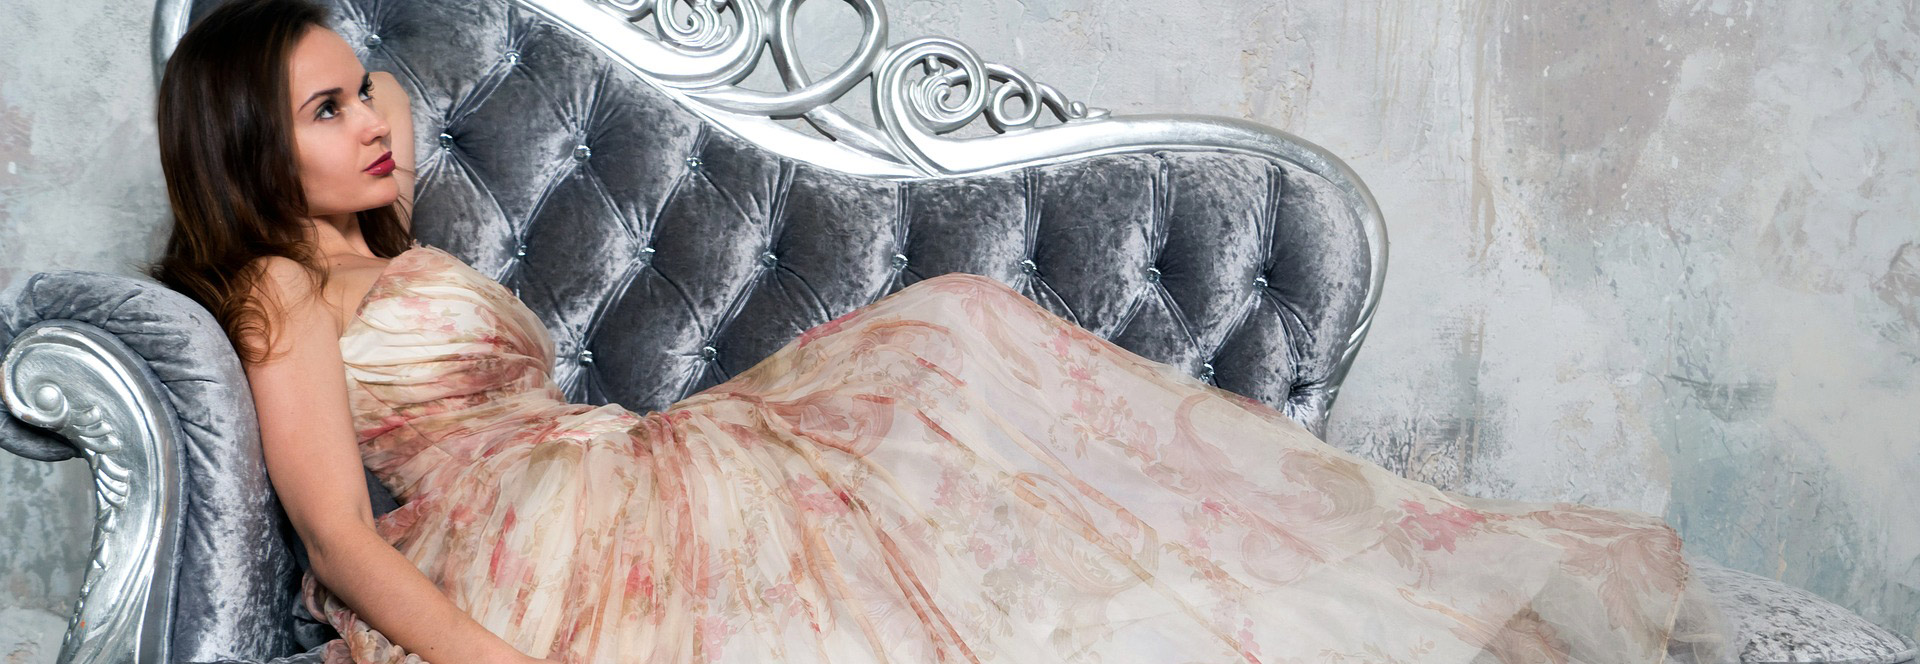 a4e6655caeaa7a BALLKLEIDER - traumhaftes elegantes Ballkleid günstig online kaufen